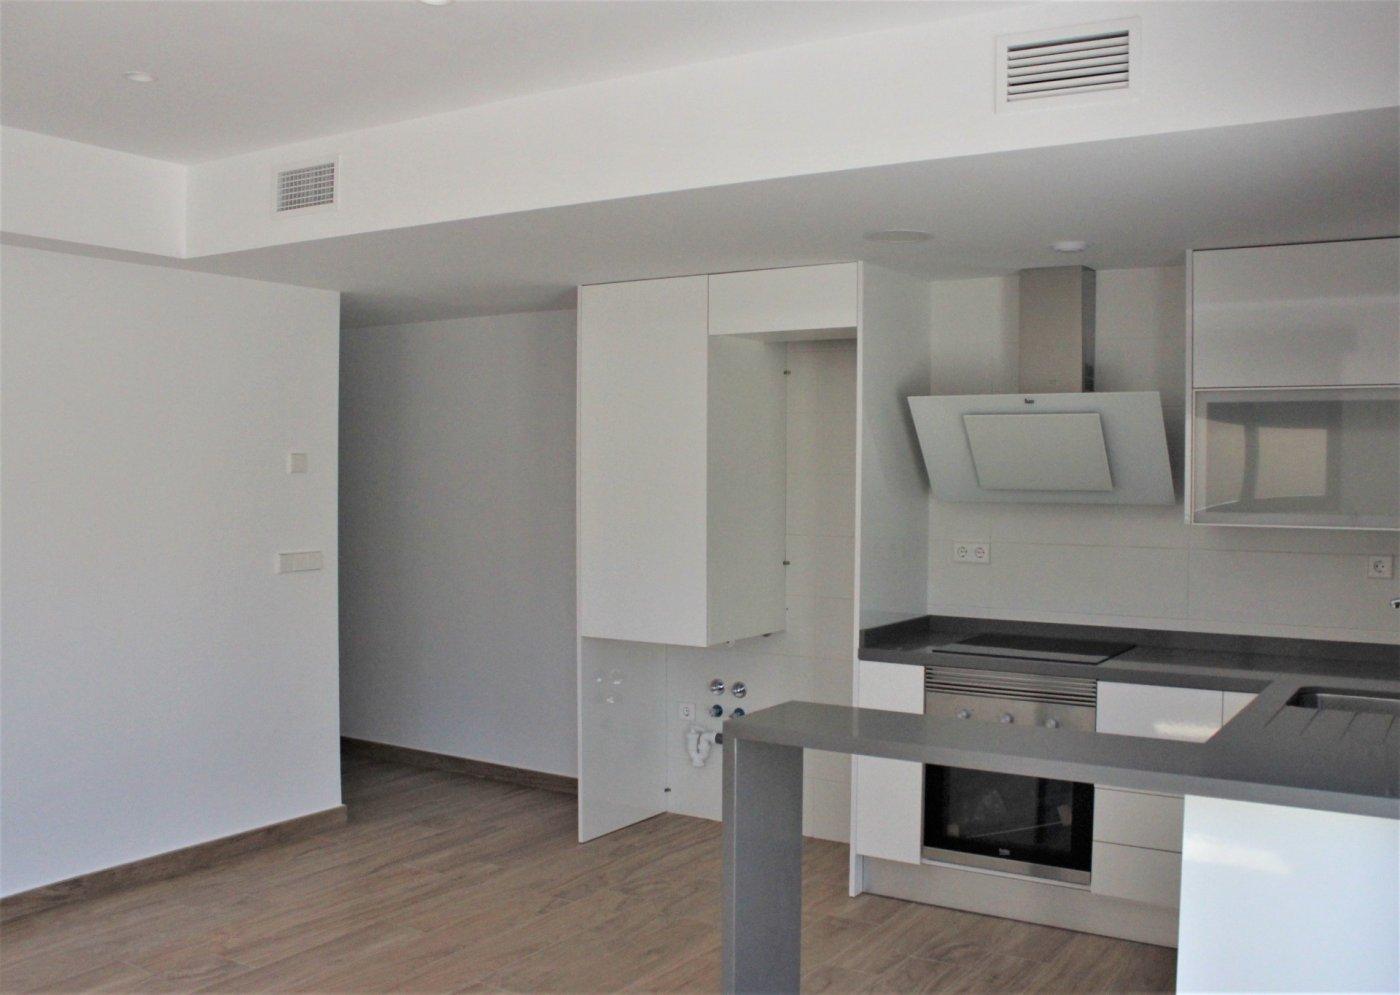 Moderno apartamento planta baja en el mojón - imagenInmueble5